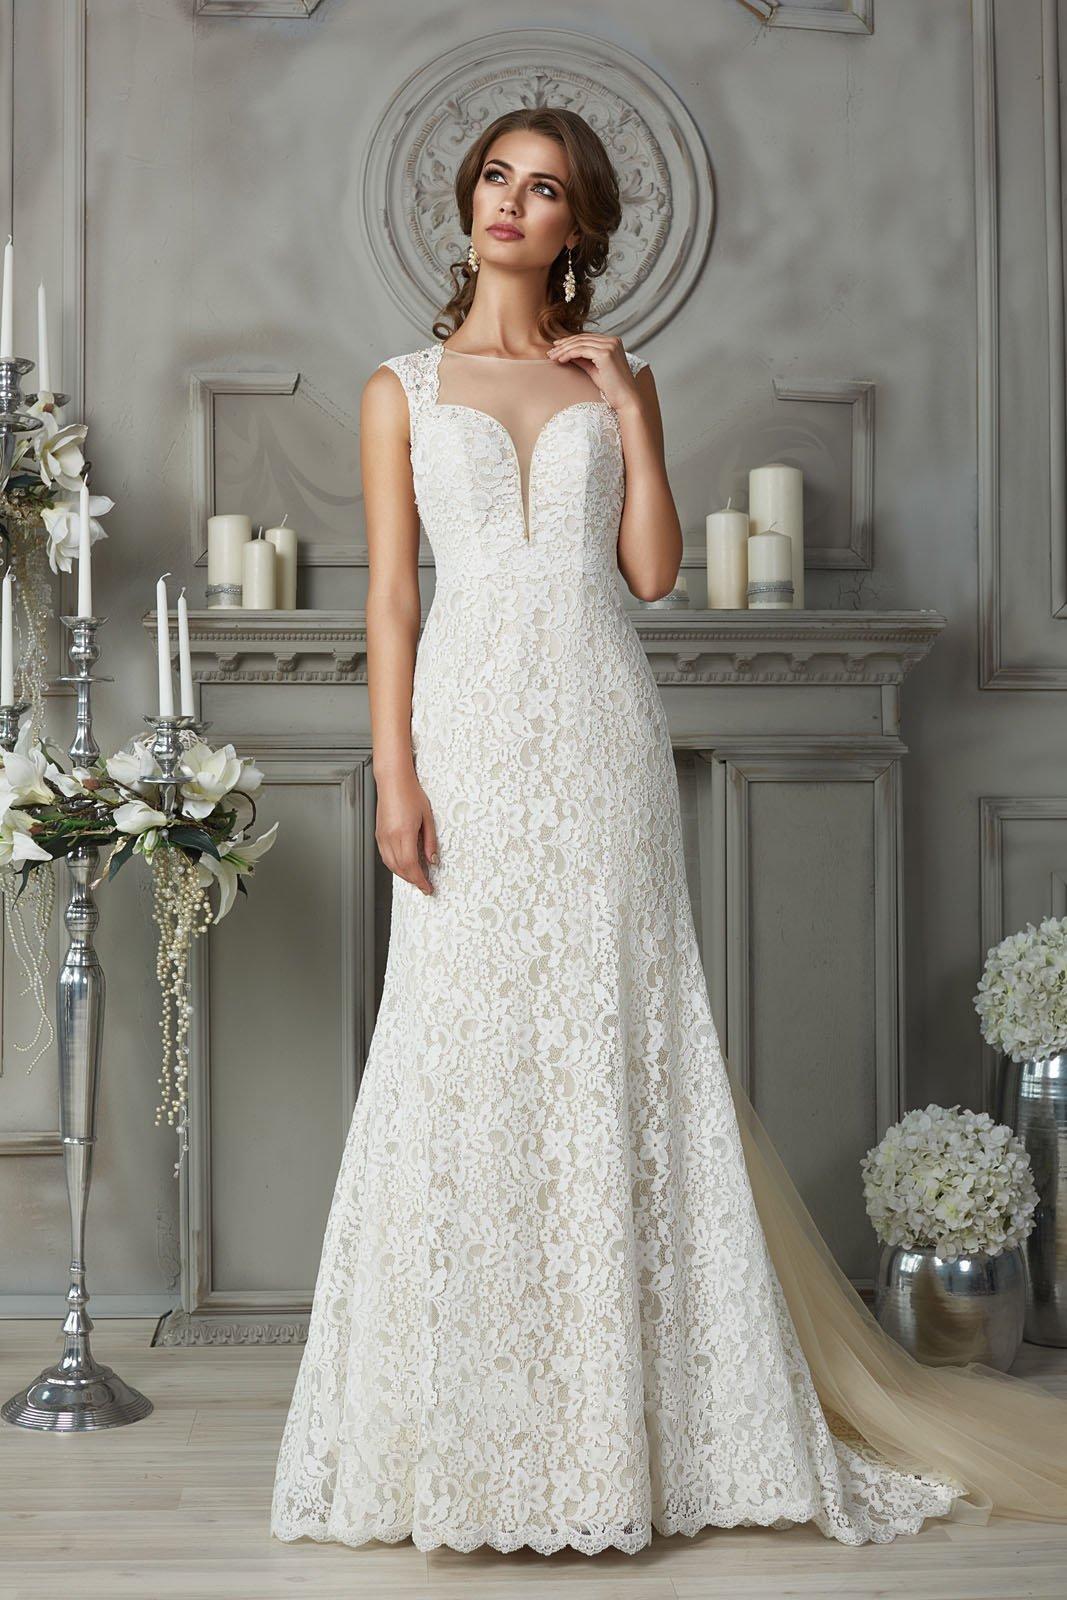 Кружевное свадебное платье «рыбка» с цветным шлейфом и глубоким декольте.